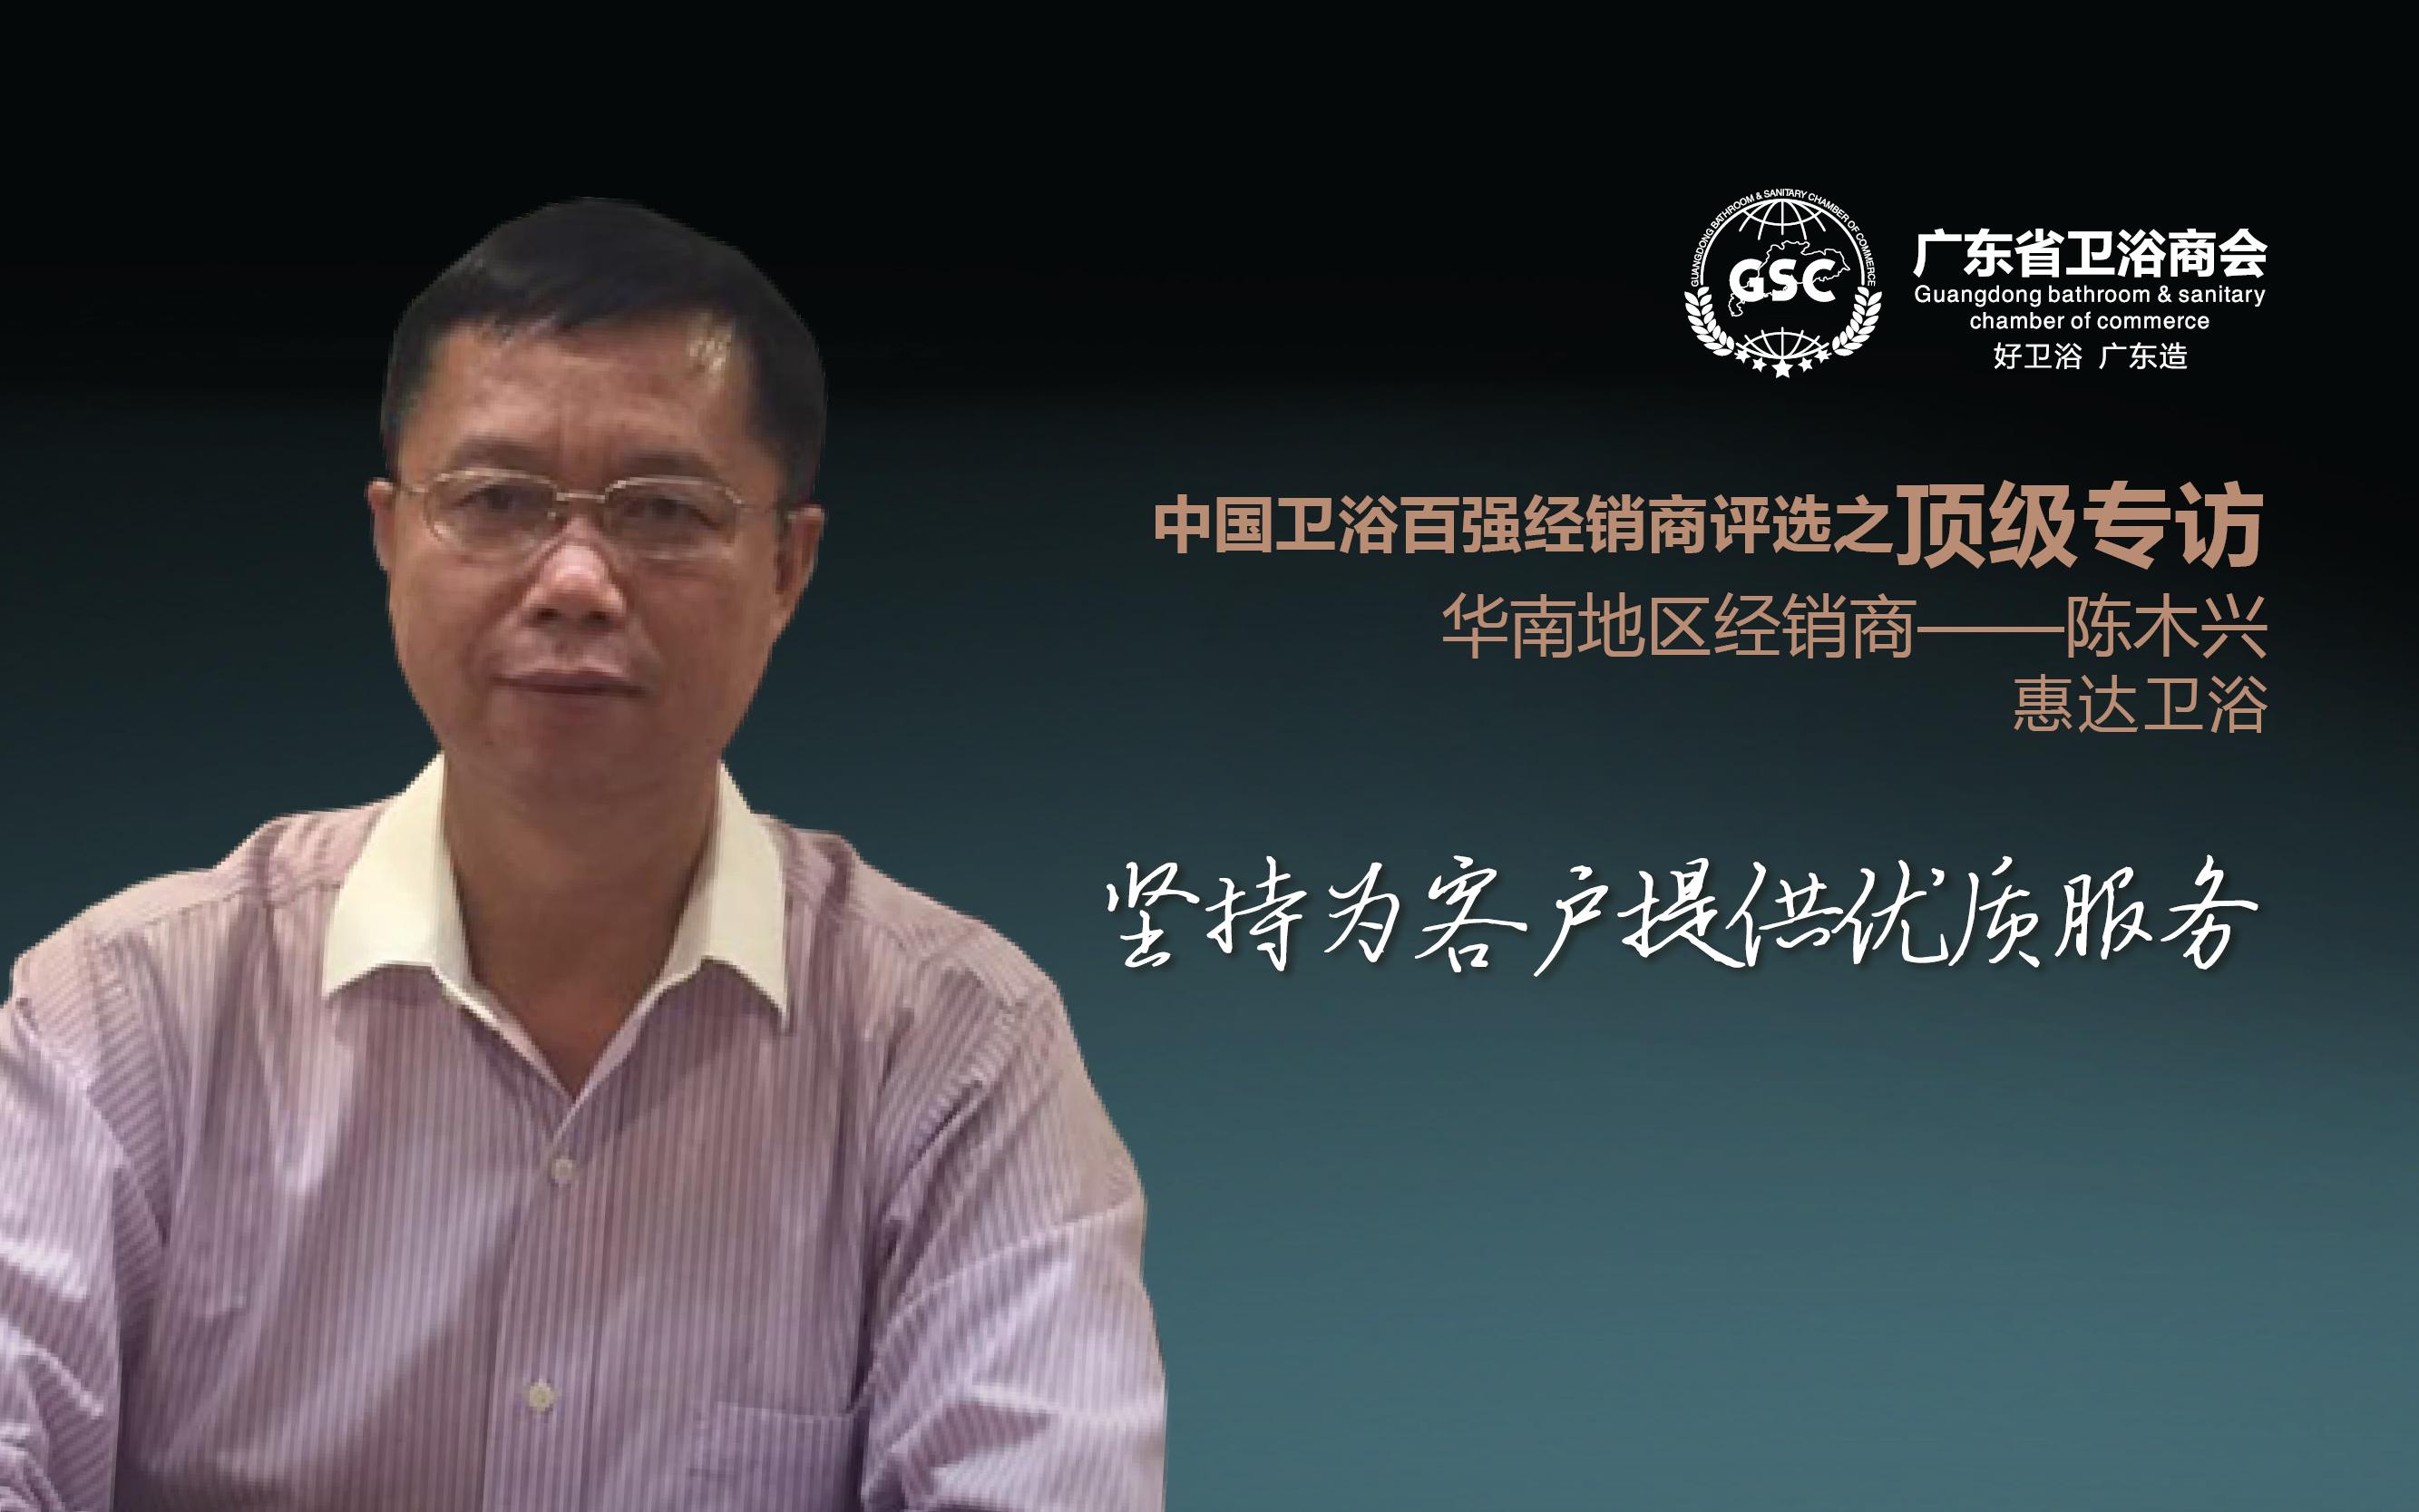 中国卫浴百强经销商评选之顶级专访——陈木兴: 坚持为客户提供优质服务